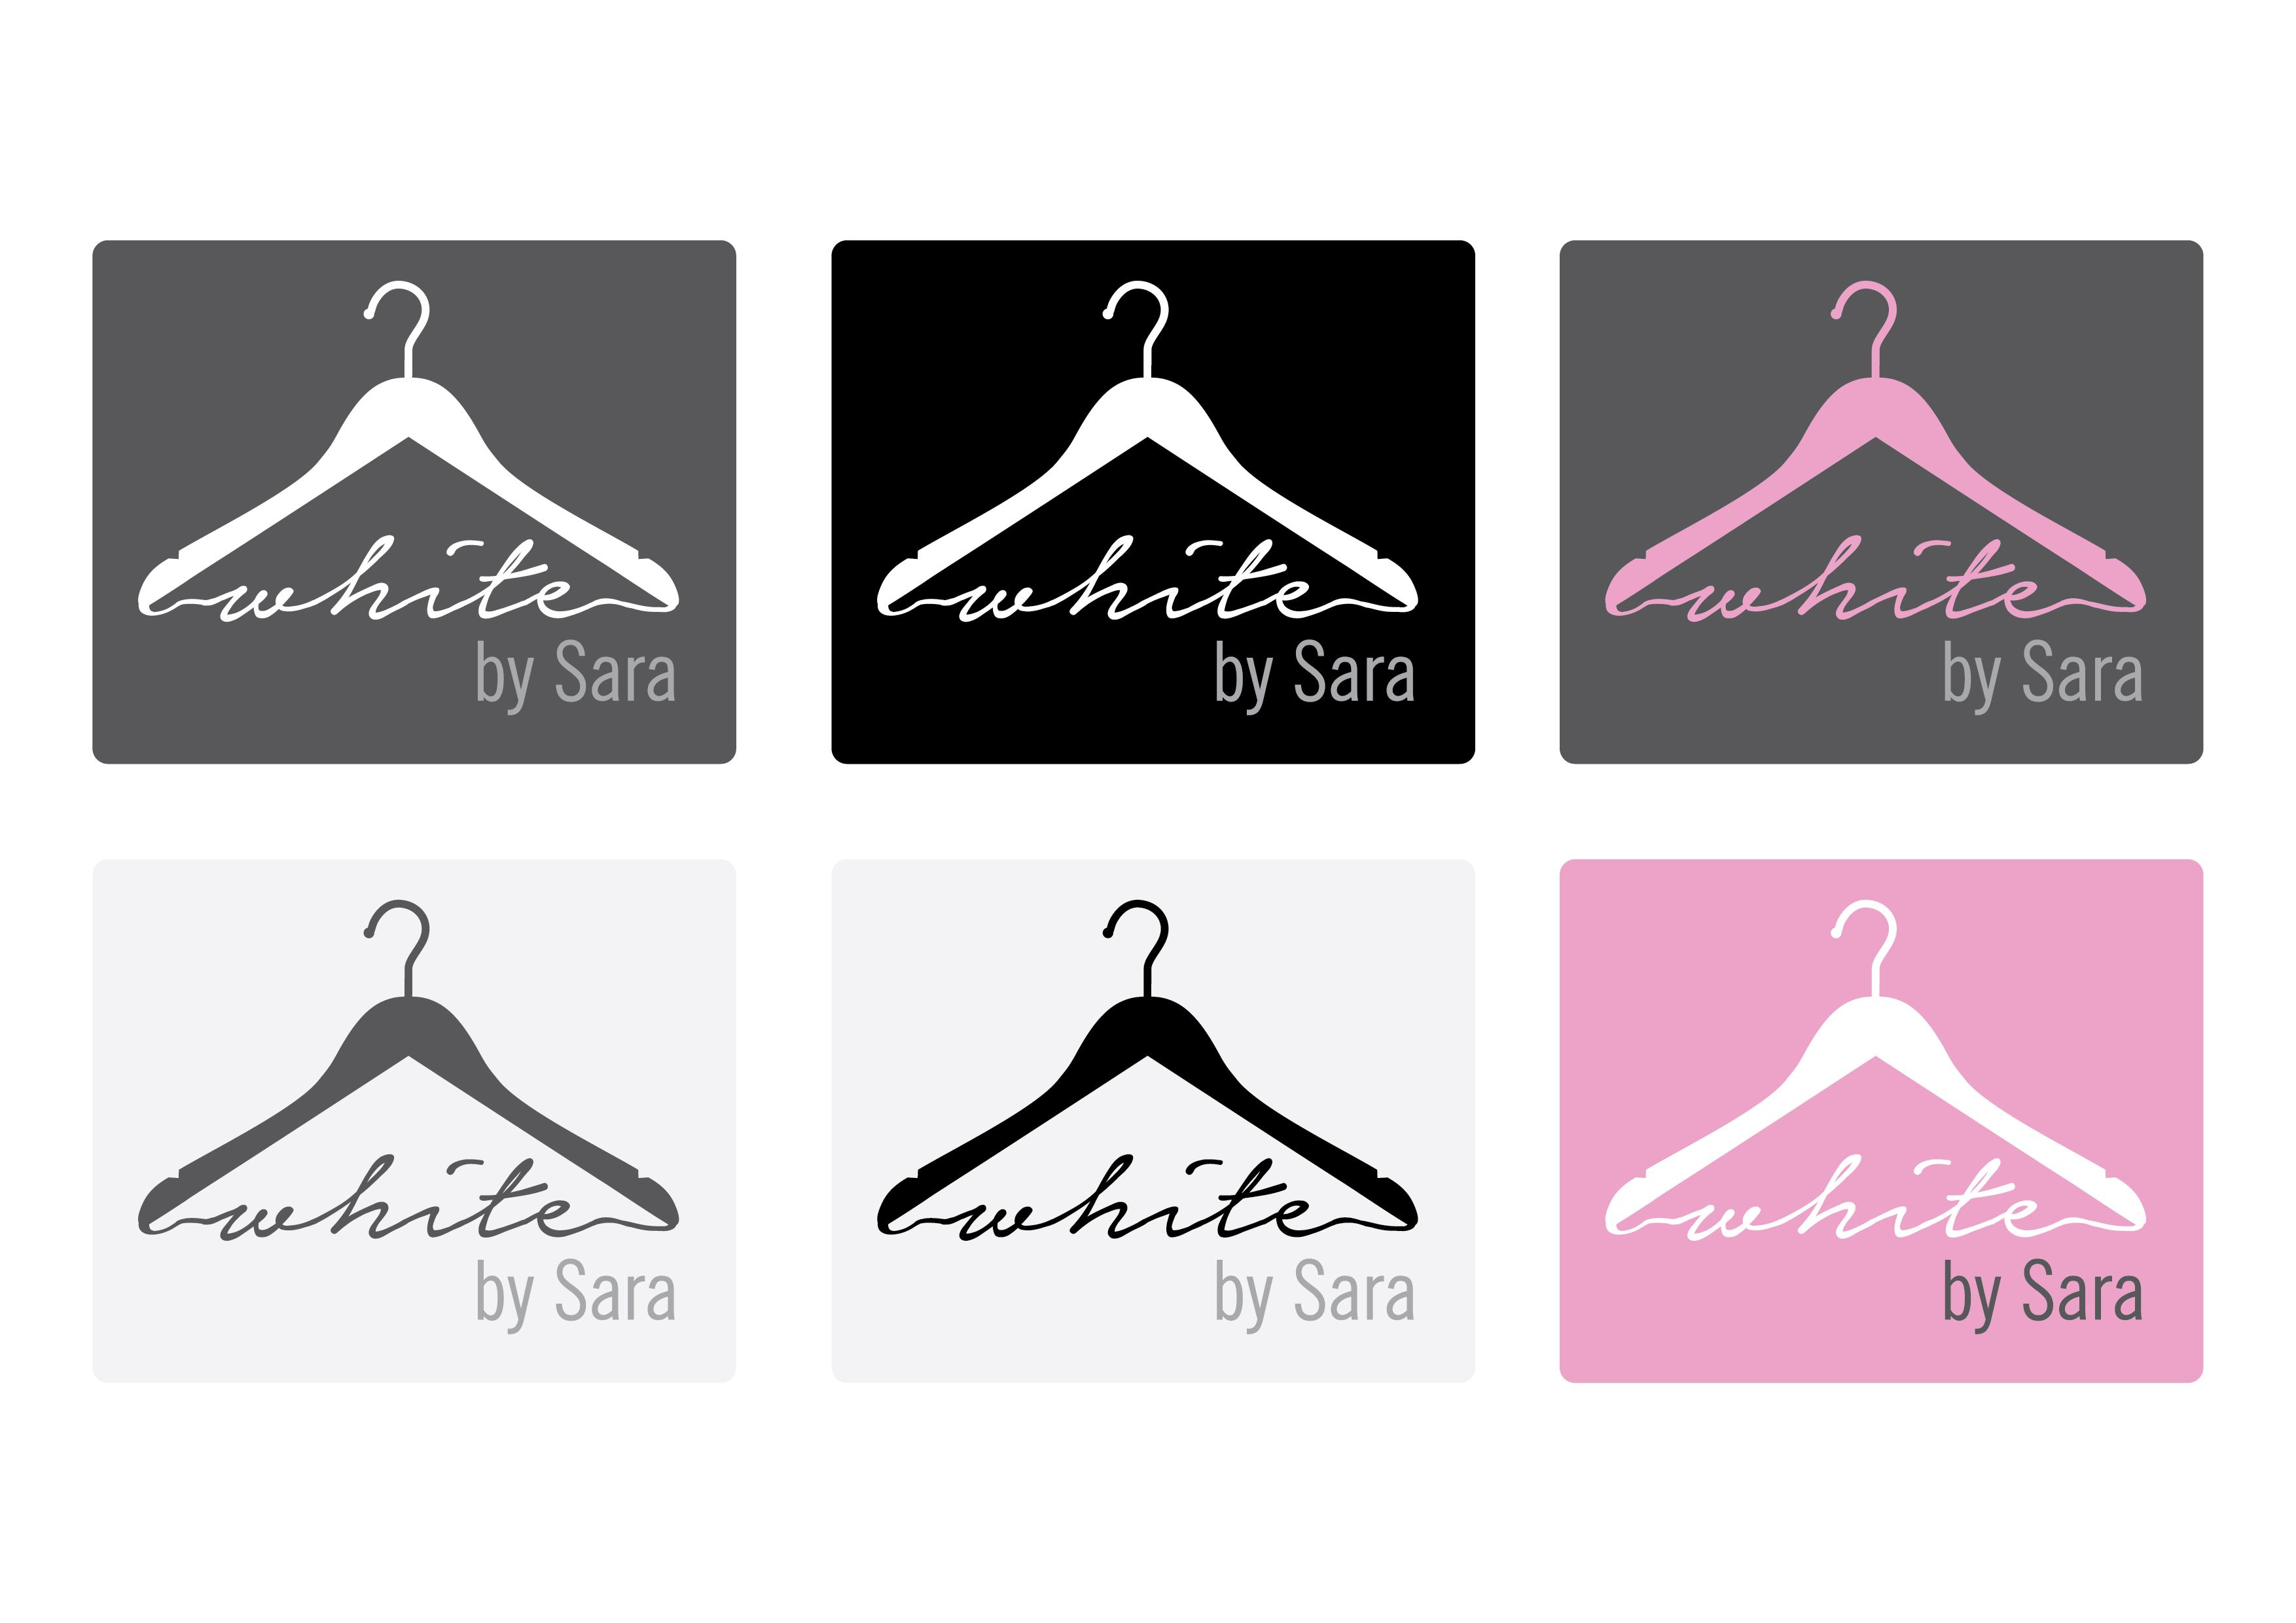 White_logo-01